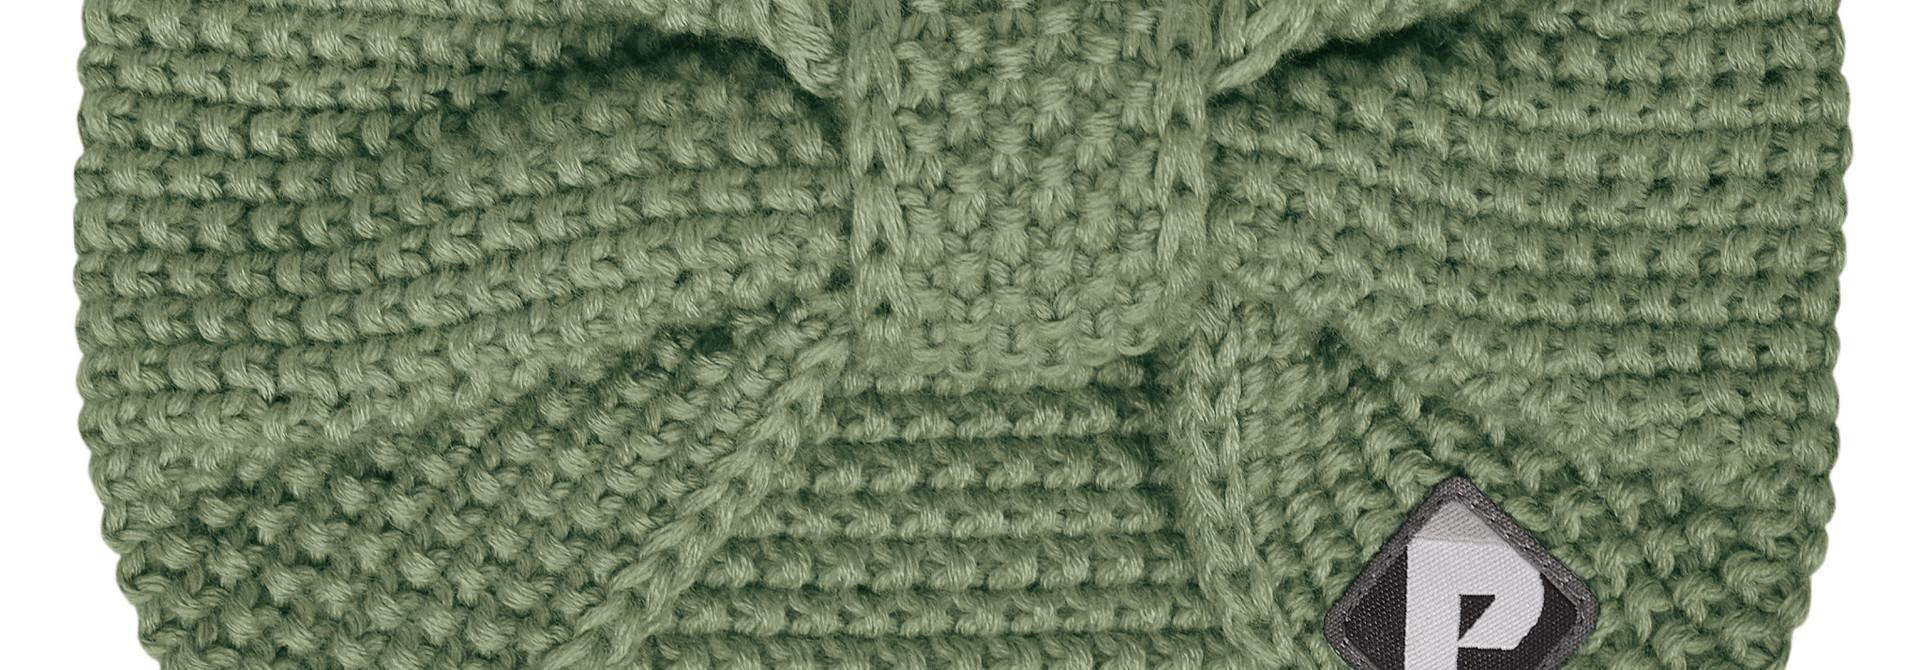 Bandeau en tricot - Kaki